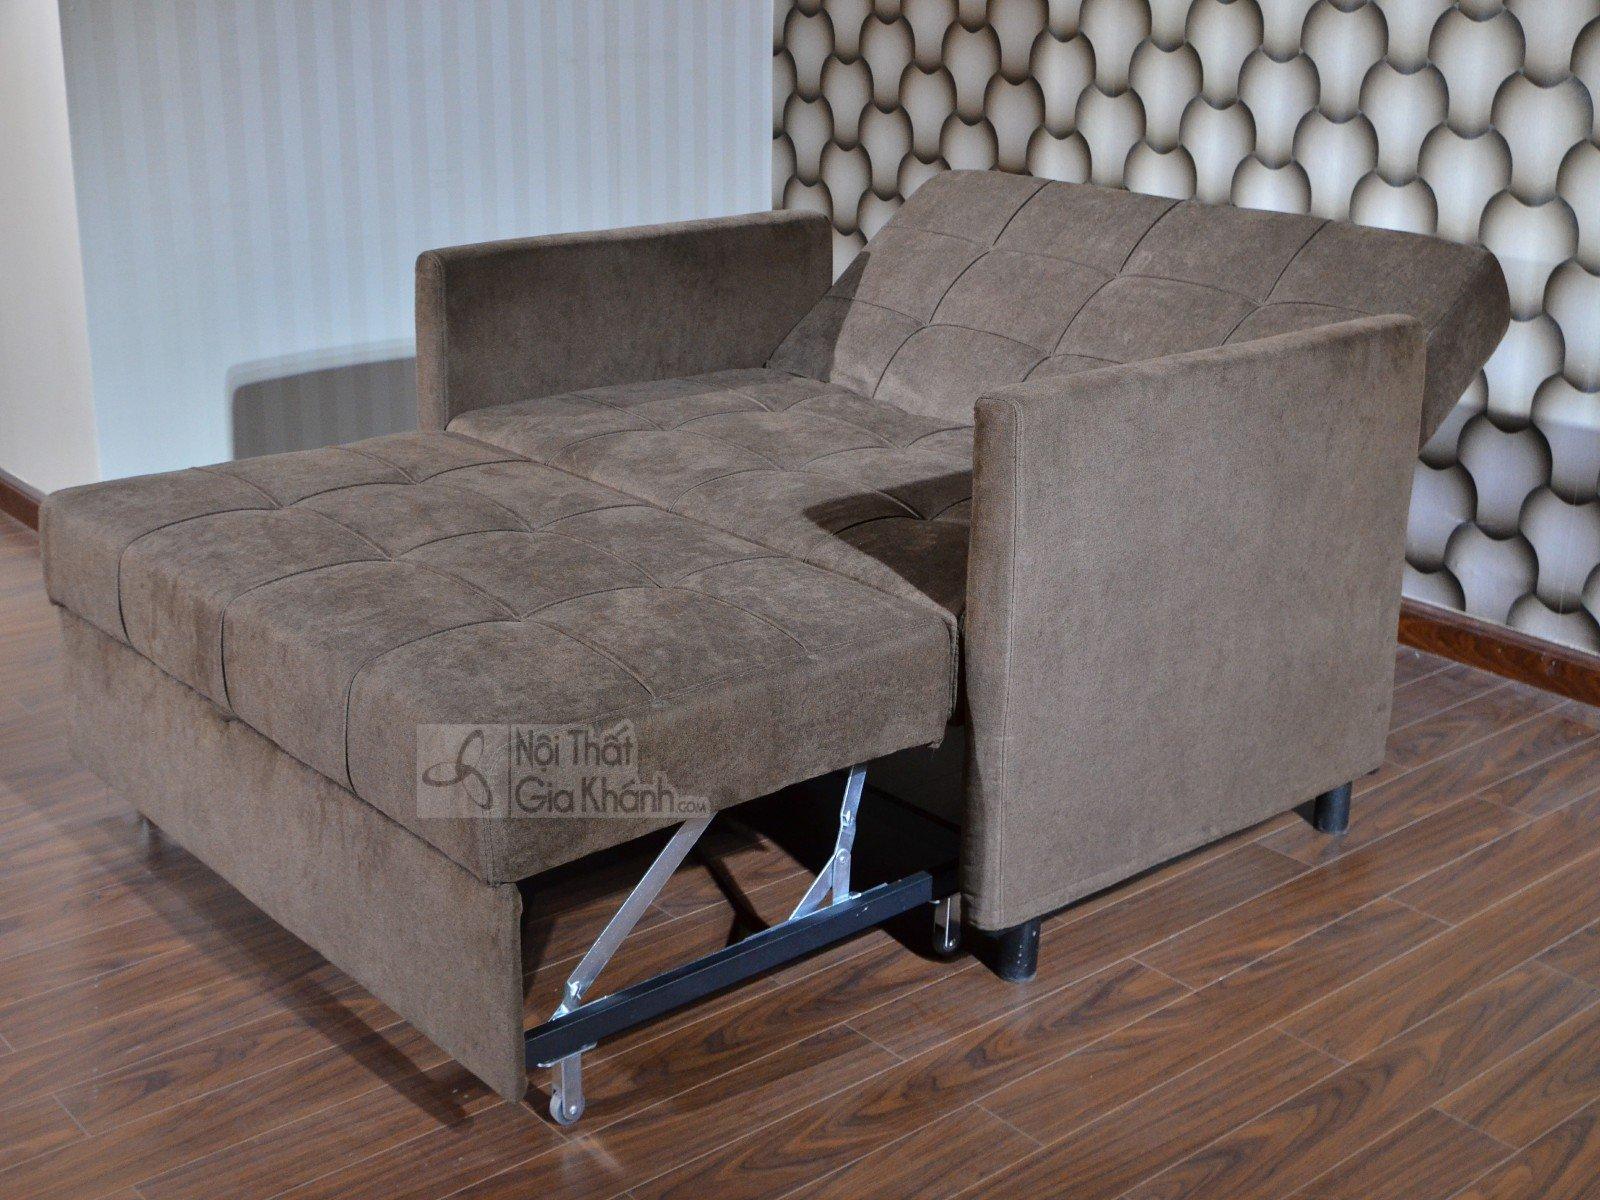 Sofa đa năng - Sofa giường - Sofa bed mã SF161-7 - sofa da nang SF161 7 10